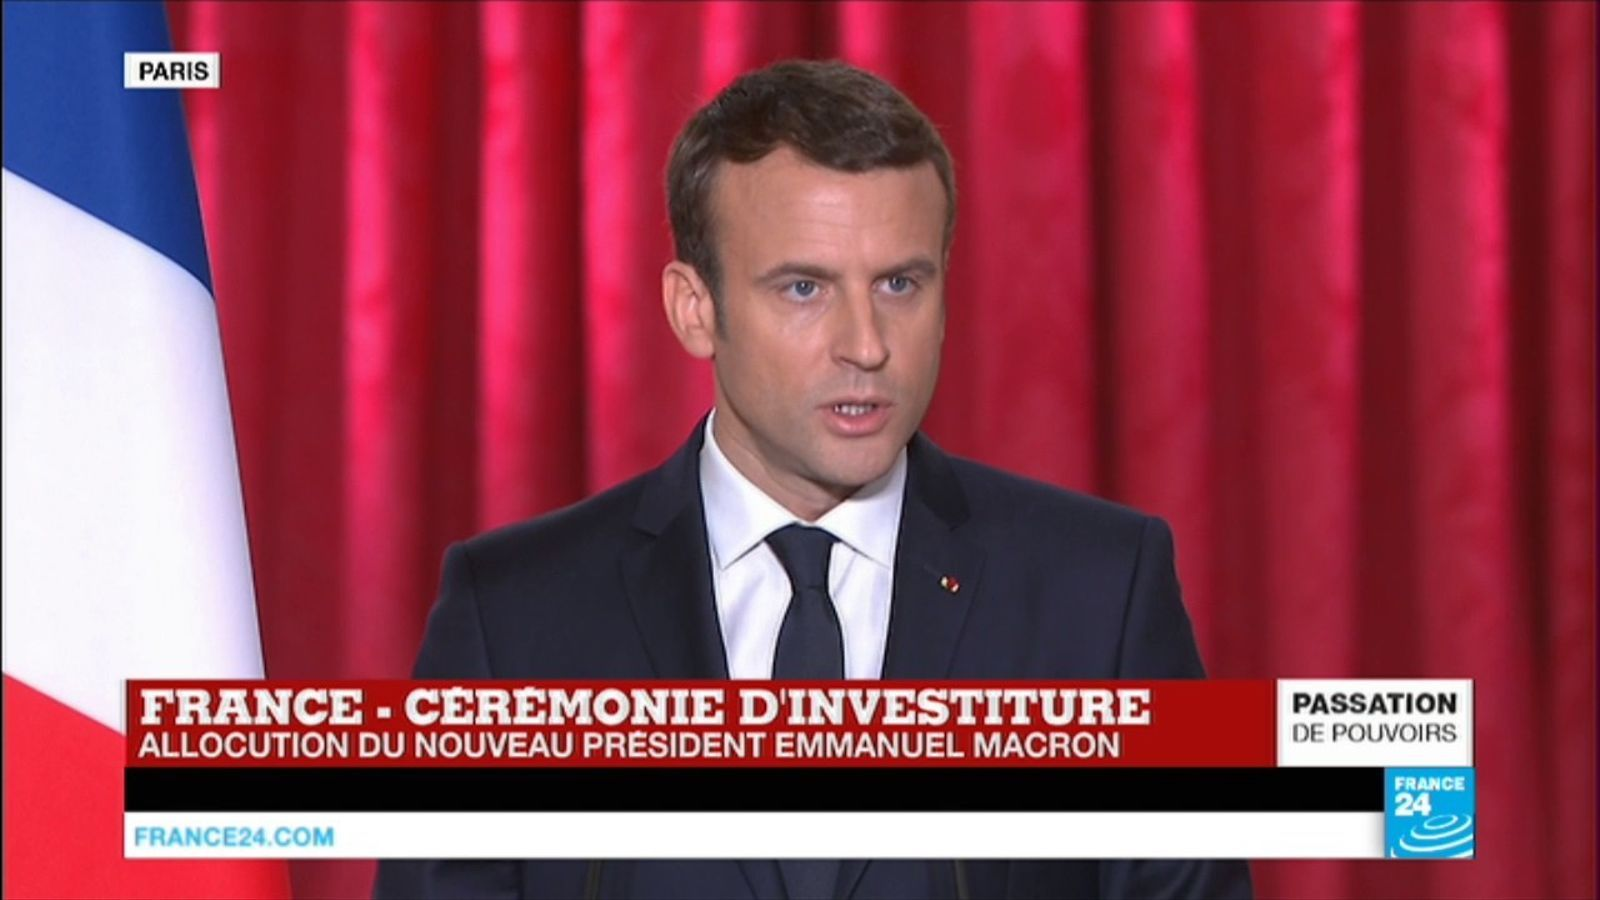 Macron assumeix la presidència amb la promesa d'unir França i renovar Europa